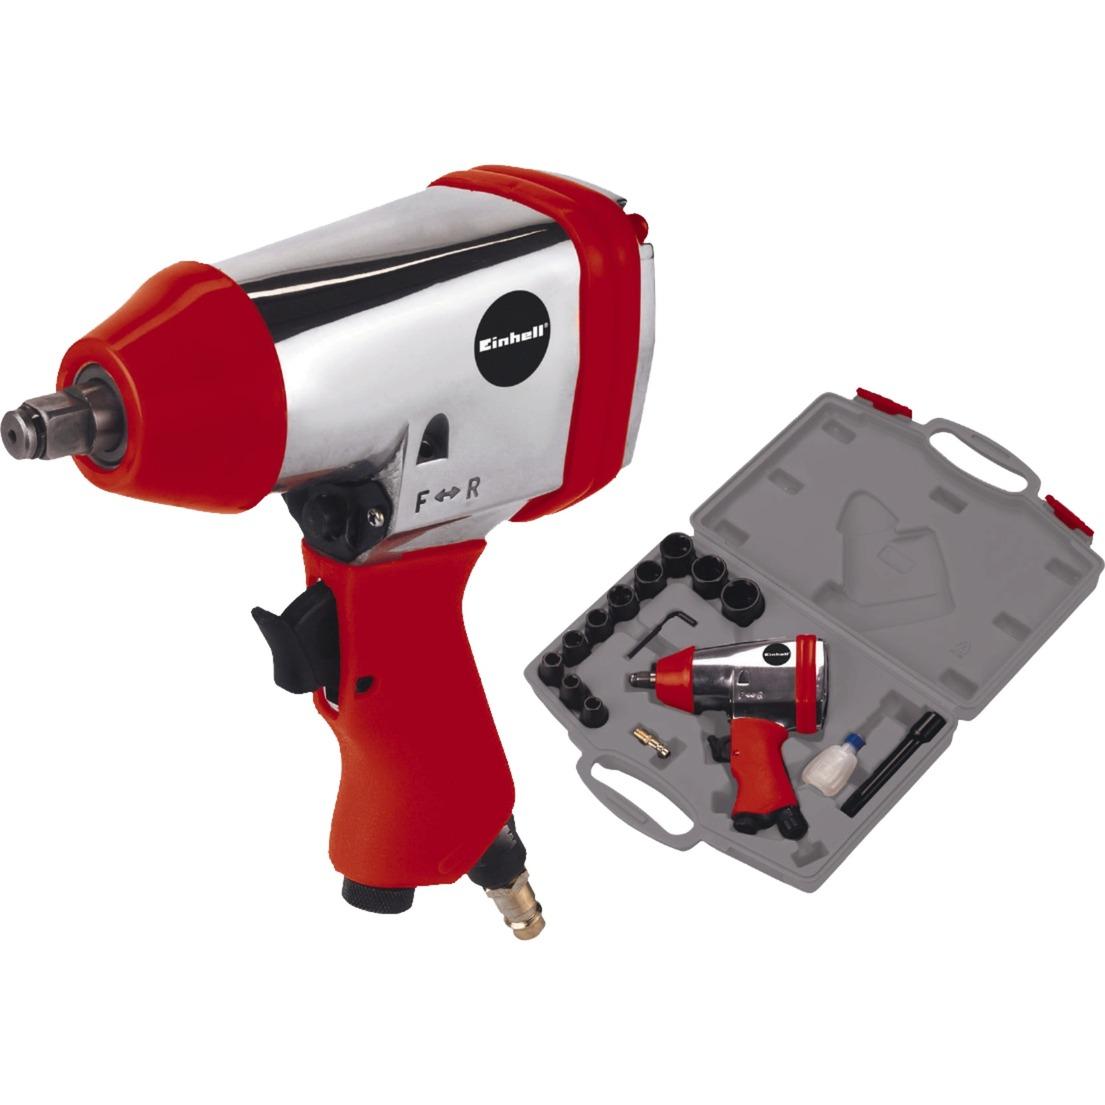 DSS 260/2 Destornillador de carraca neumático 114 l/min 312 Nm 6,3 bar Aluminio, Negro, Rojo, Tornillo de percusión